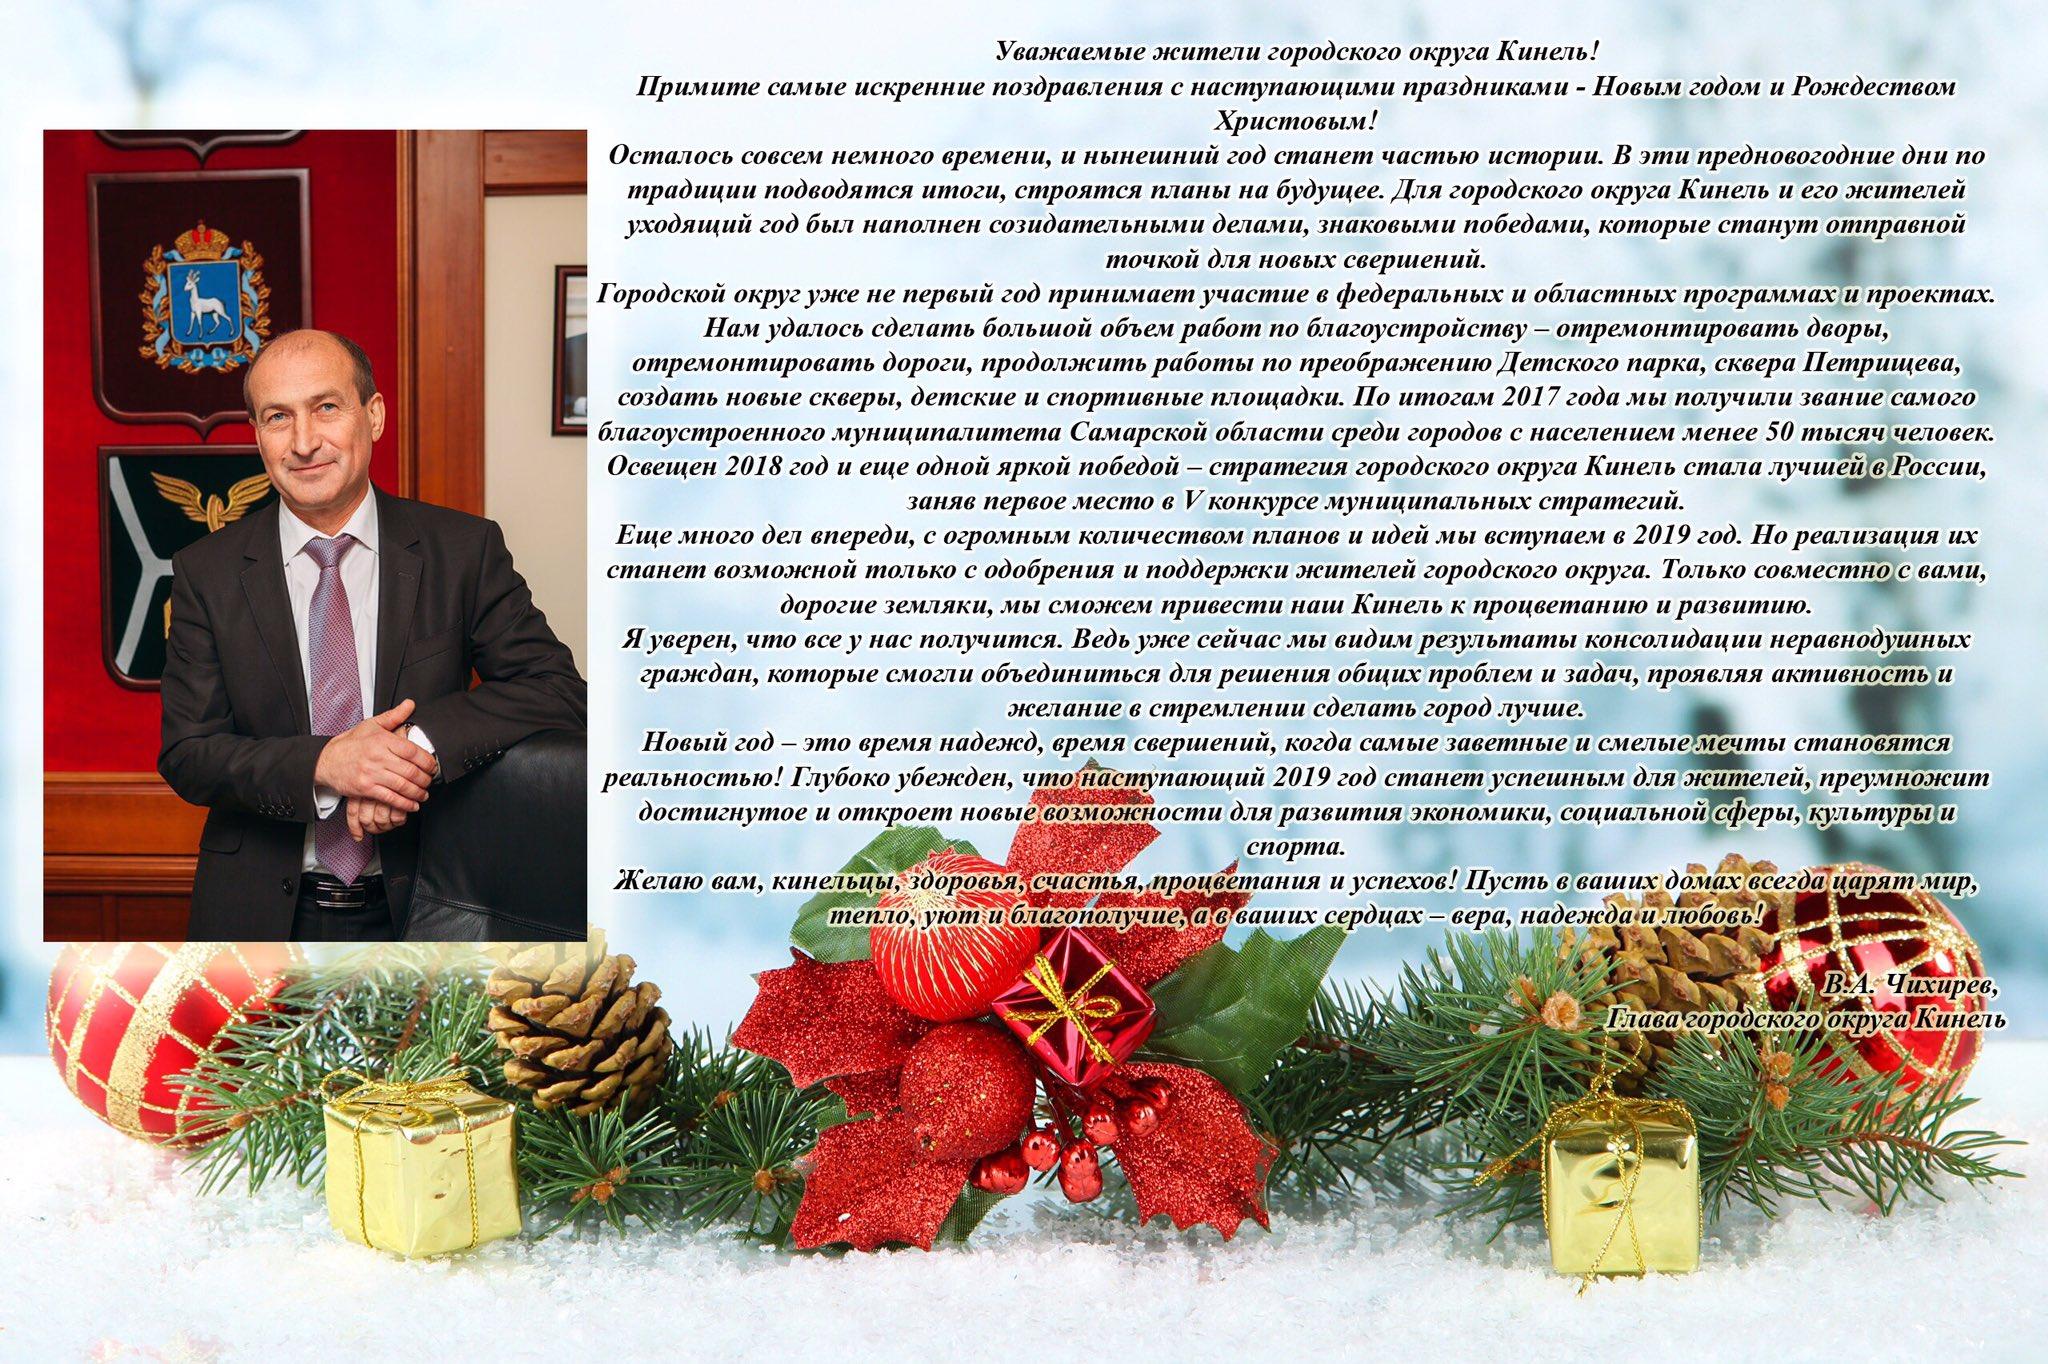 Поздравление с новым годом от главы города провели